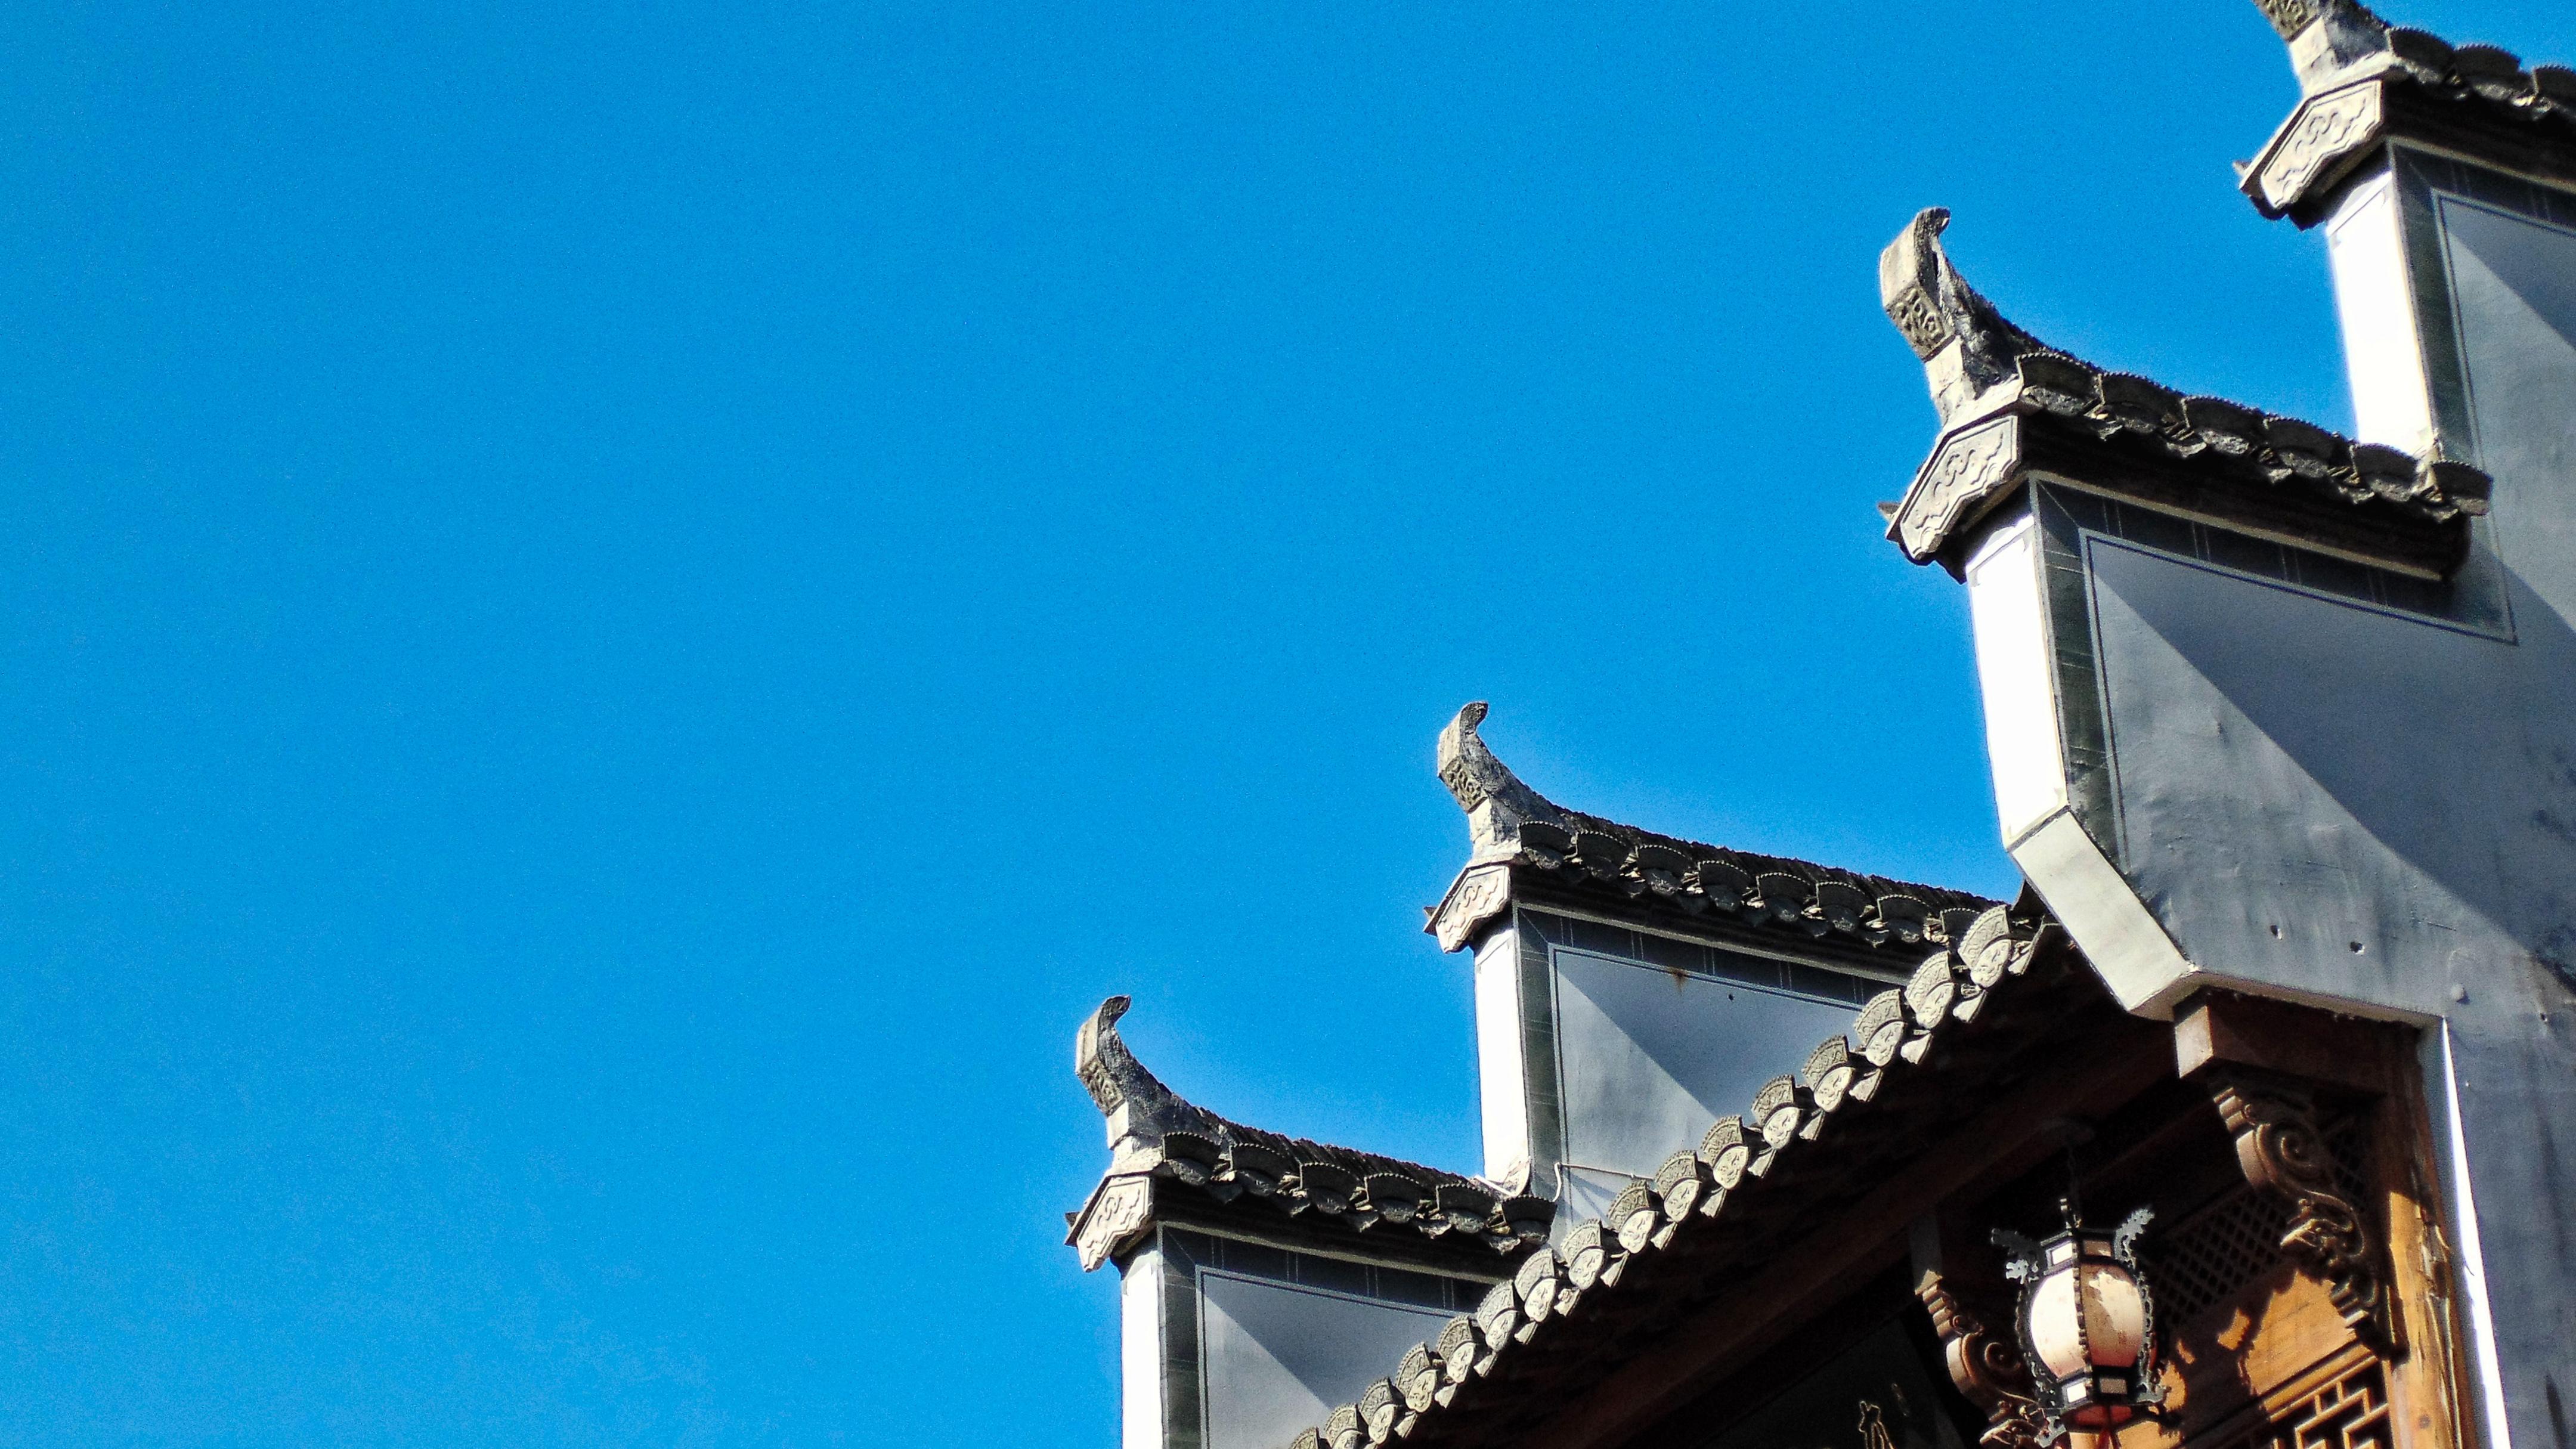 安徽省风景最出众的地级市,全年无淡季,游客来了就不想走